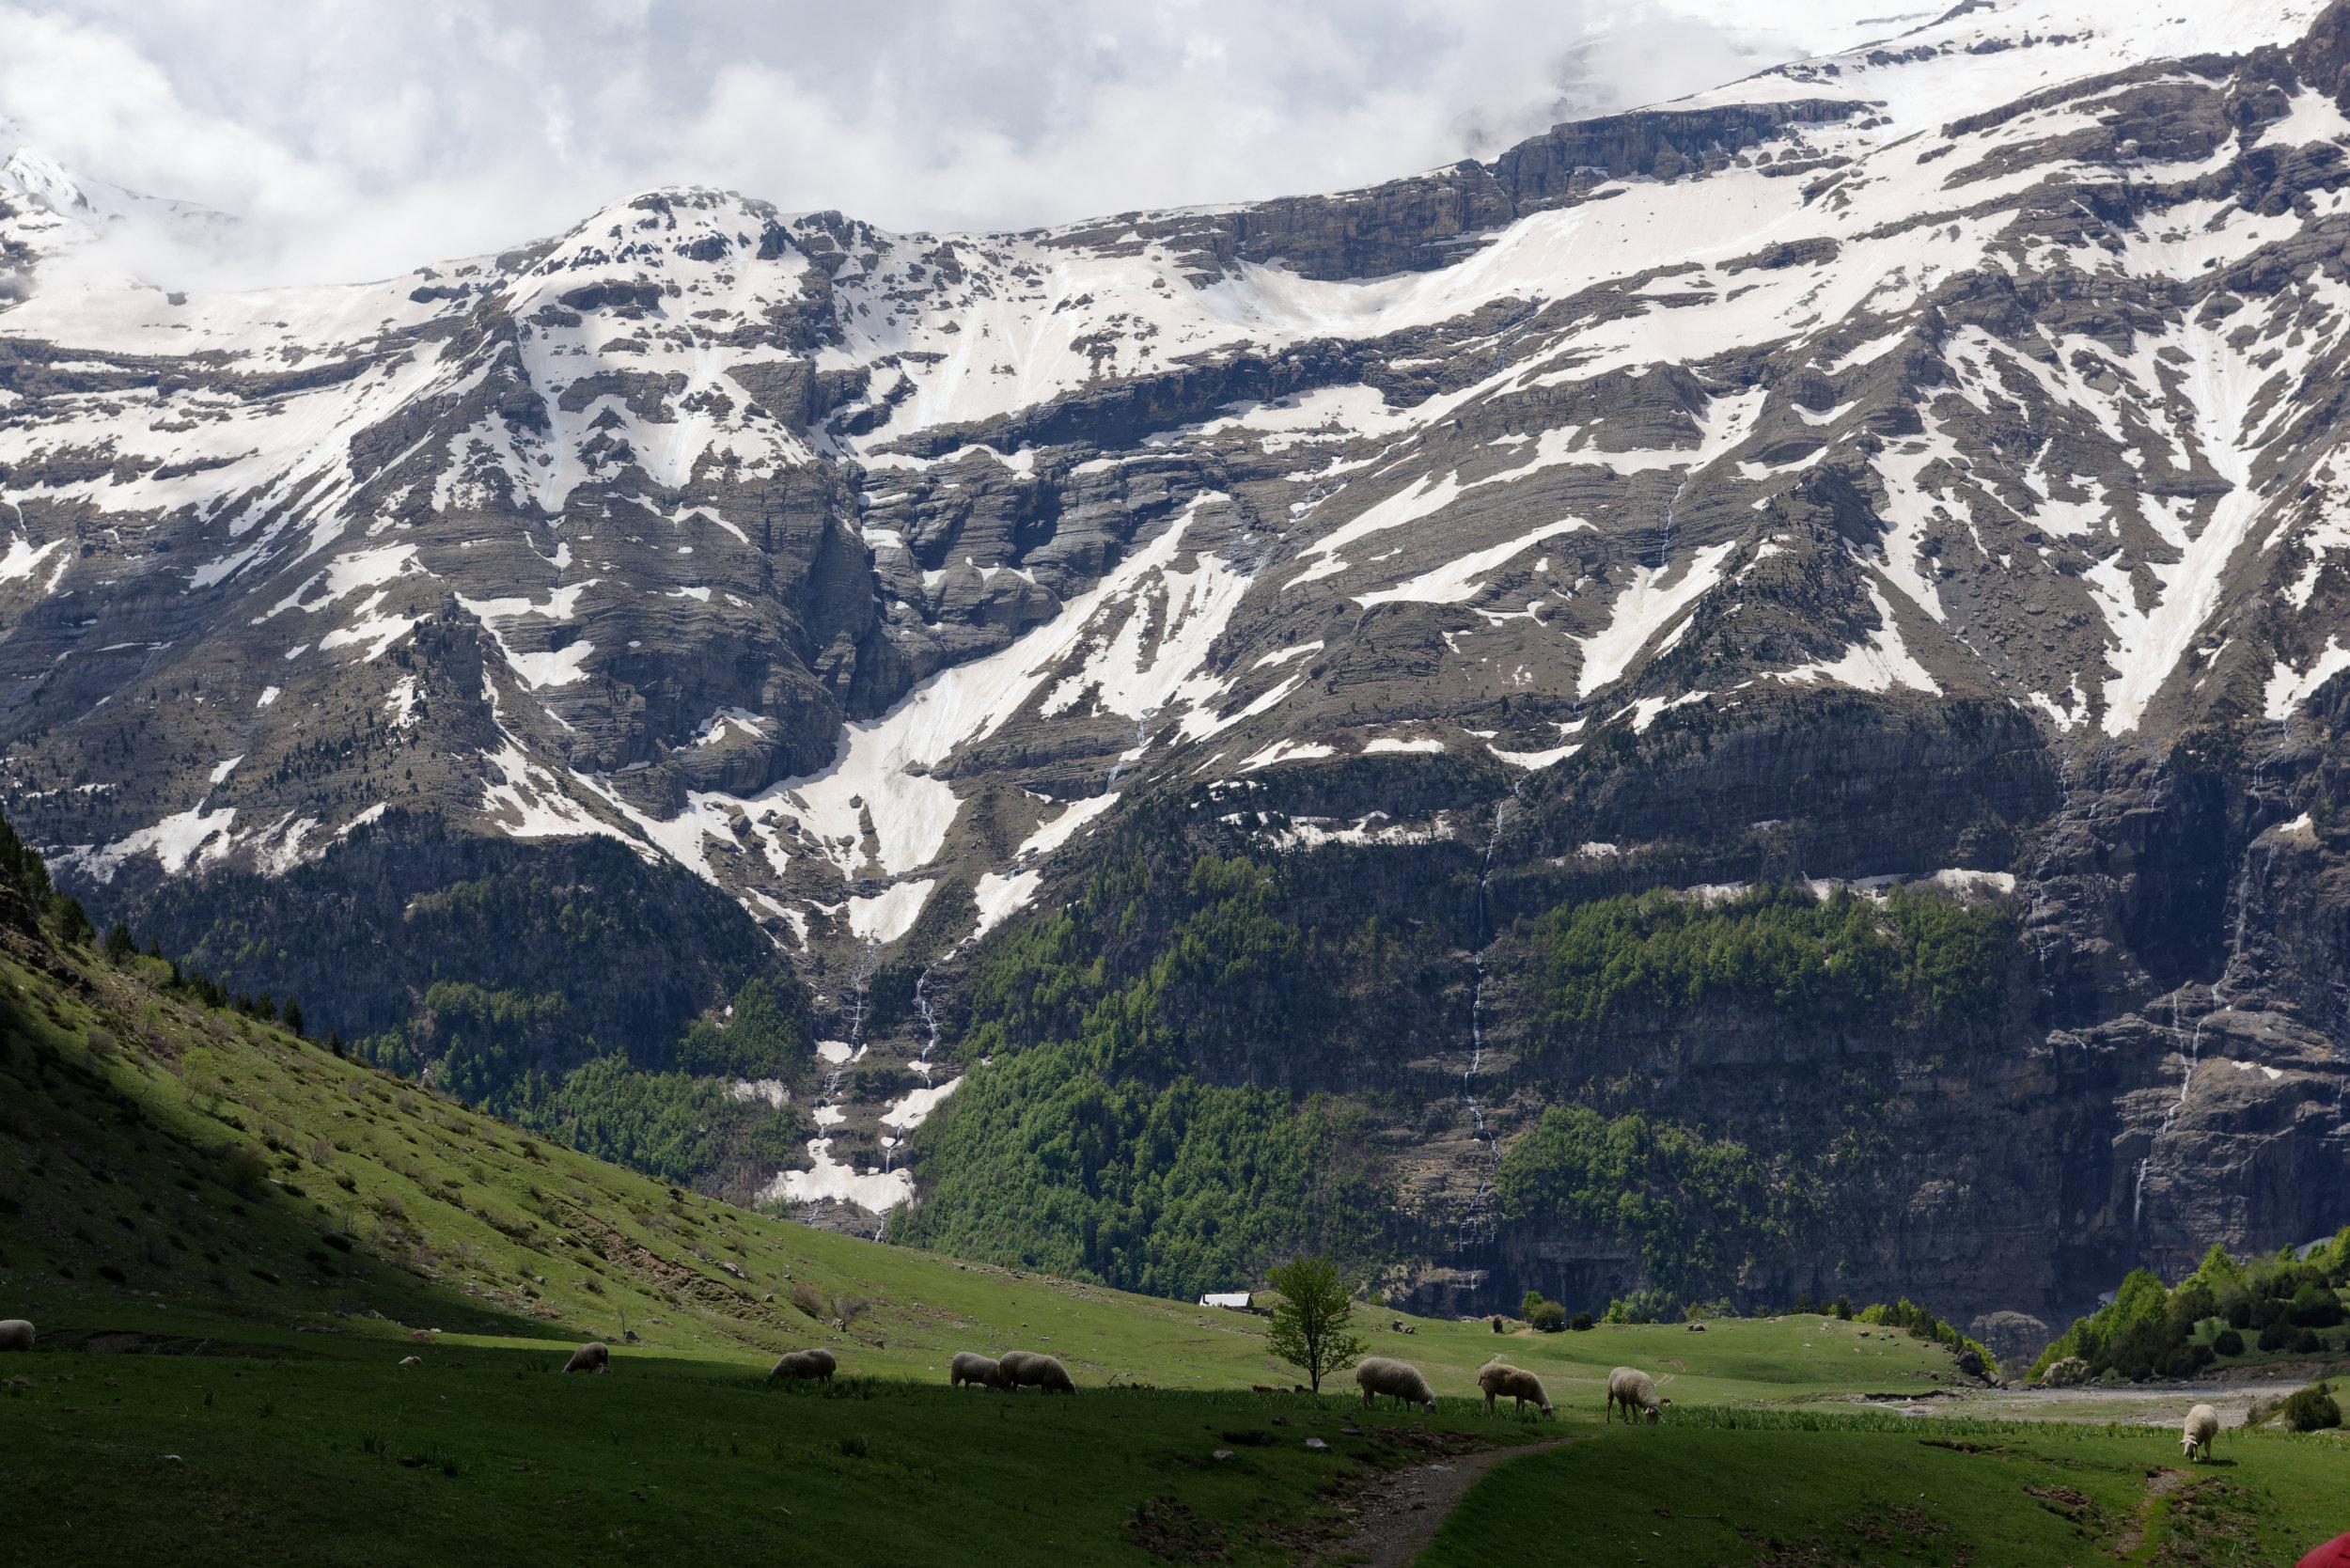 180522-Marche Cascades de la Larri (213) (Valle de Pineta-Sobrarbe-Aragon)_1